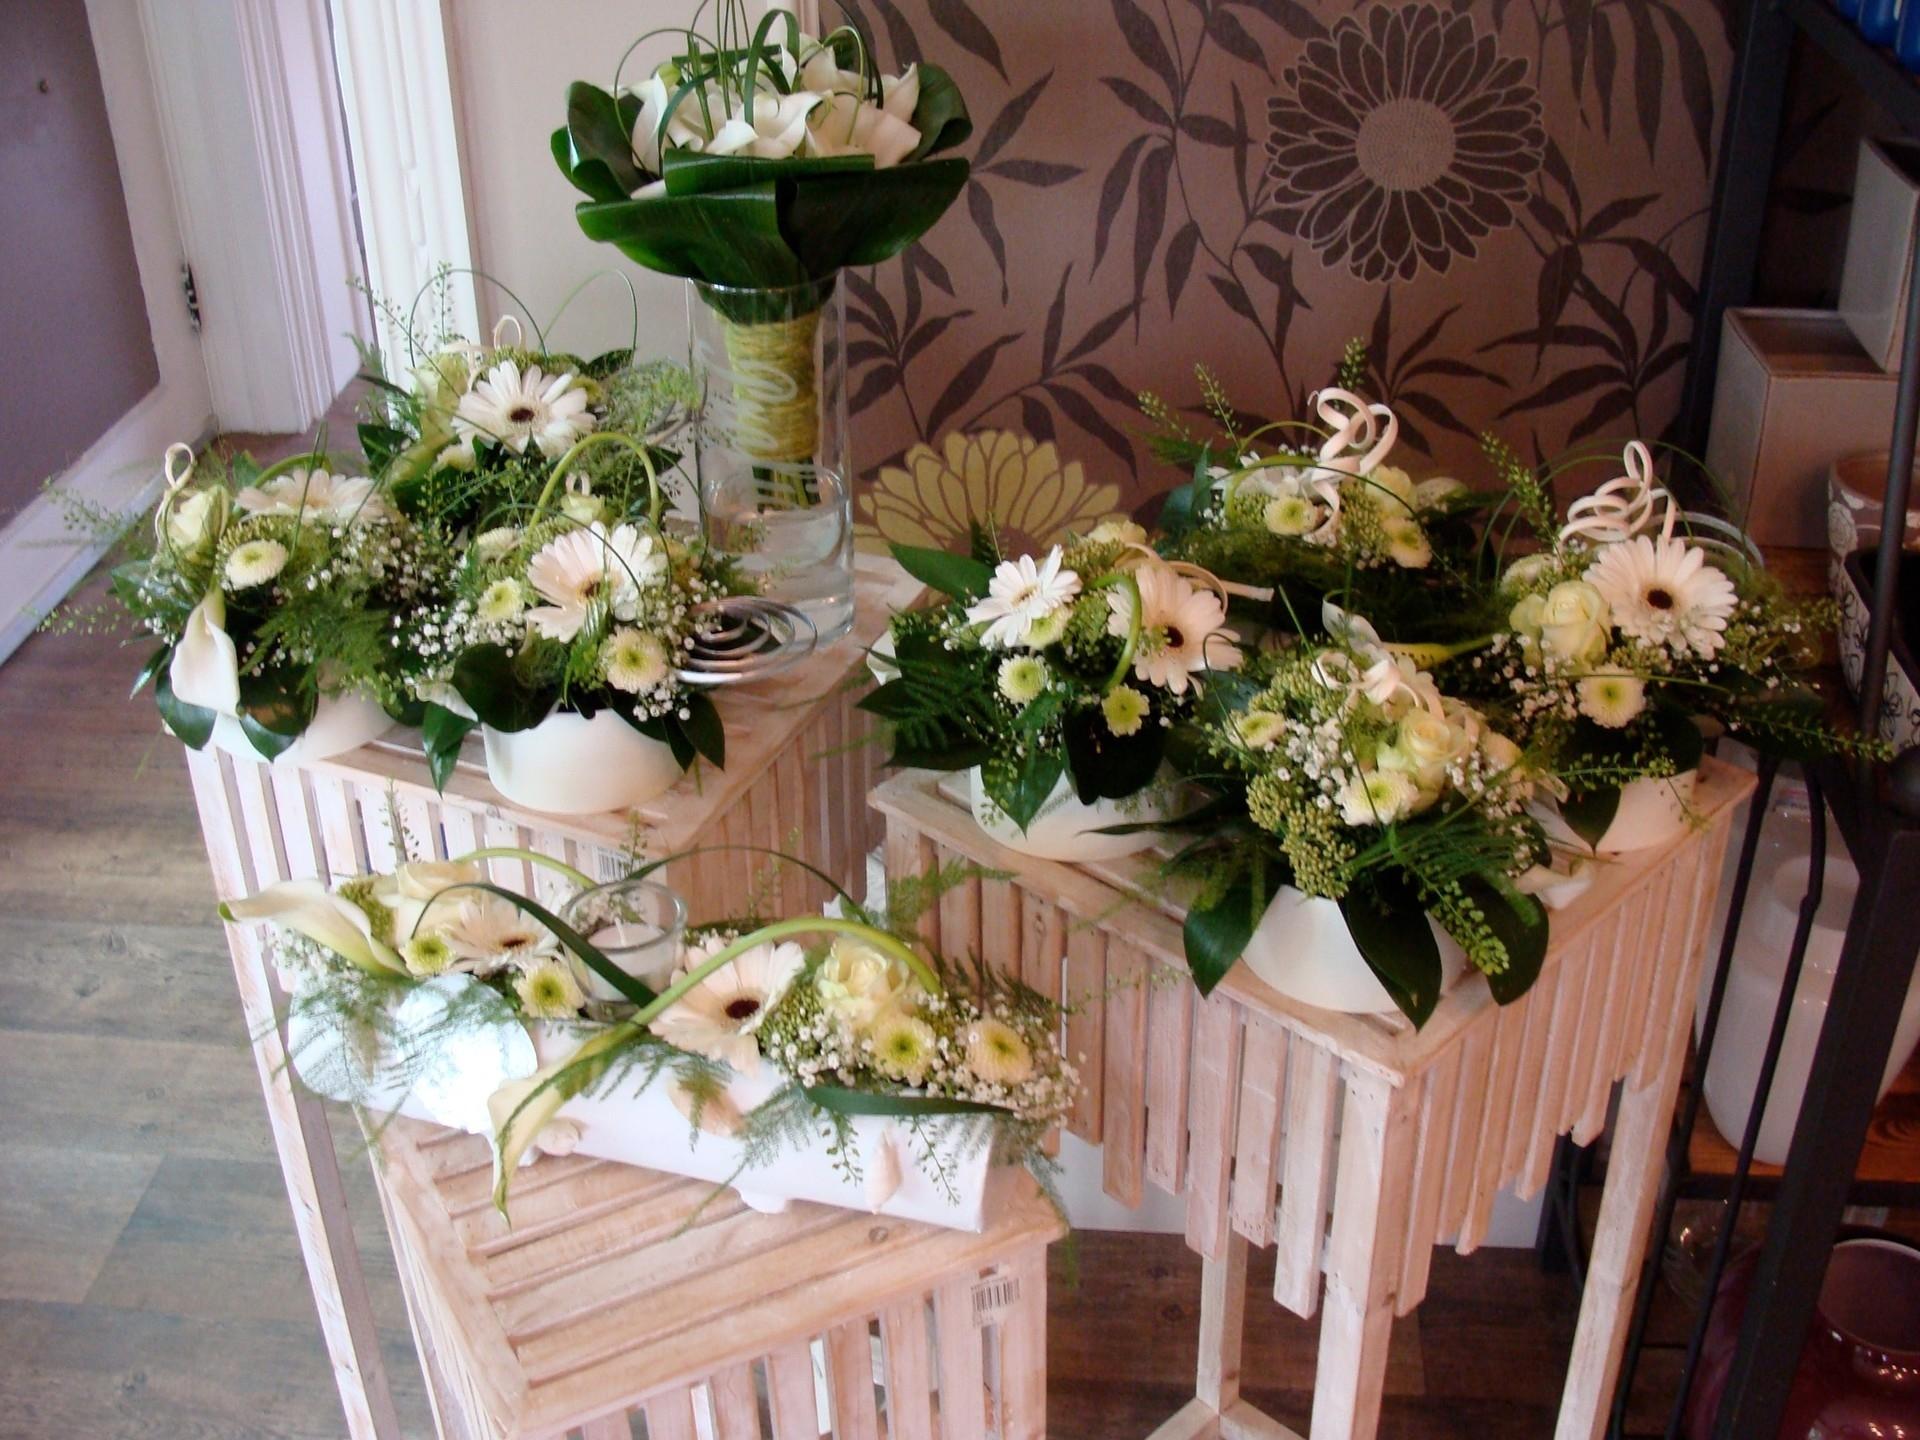 Bloemen en decoratie labellefleurgifts for Bloemen decoratie